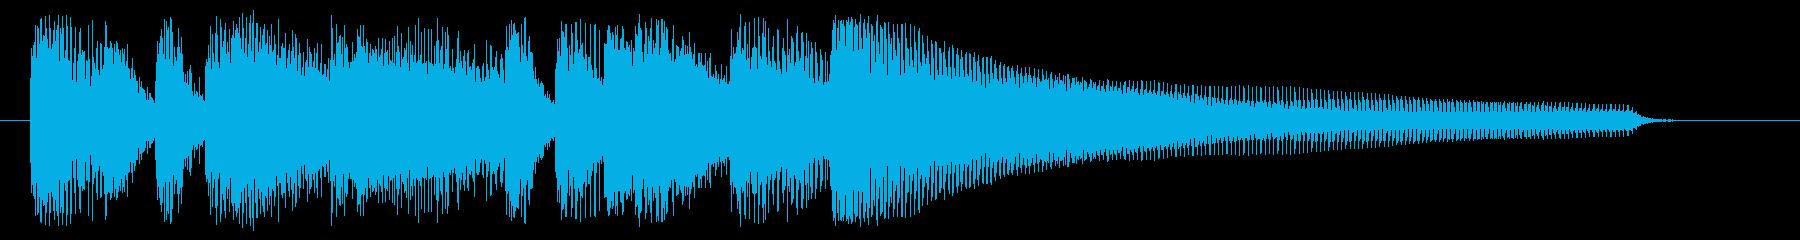 ミステリアスなピアノのジングルの再生済みの波形